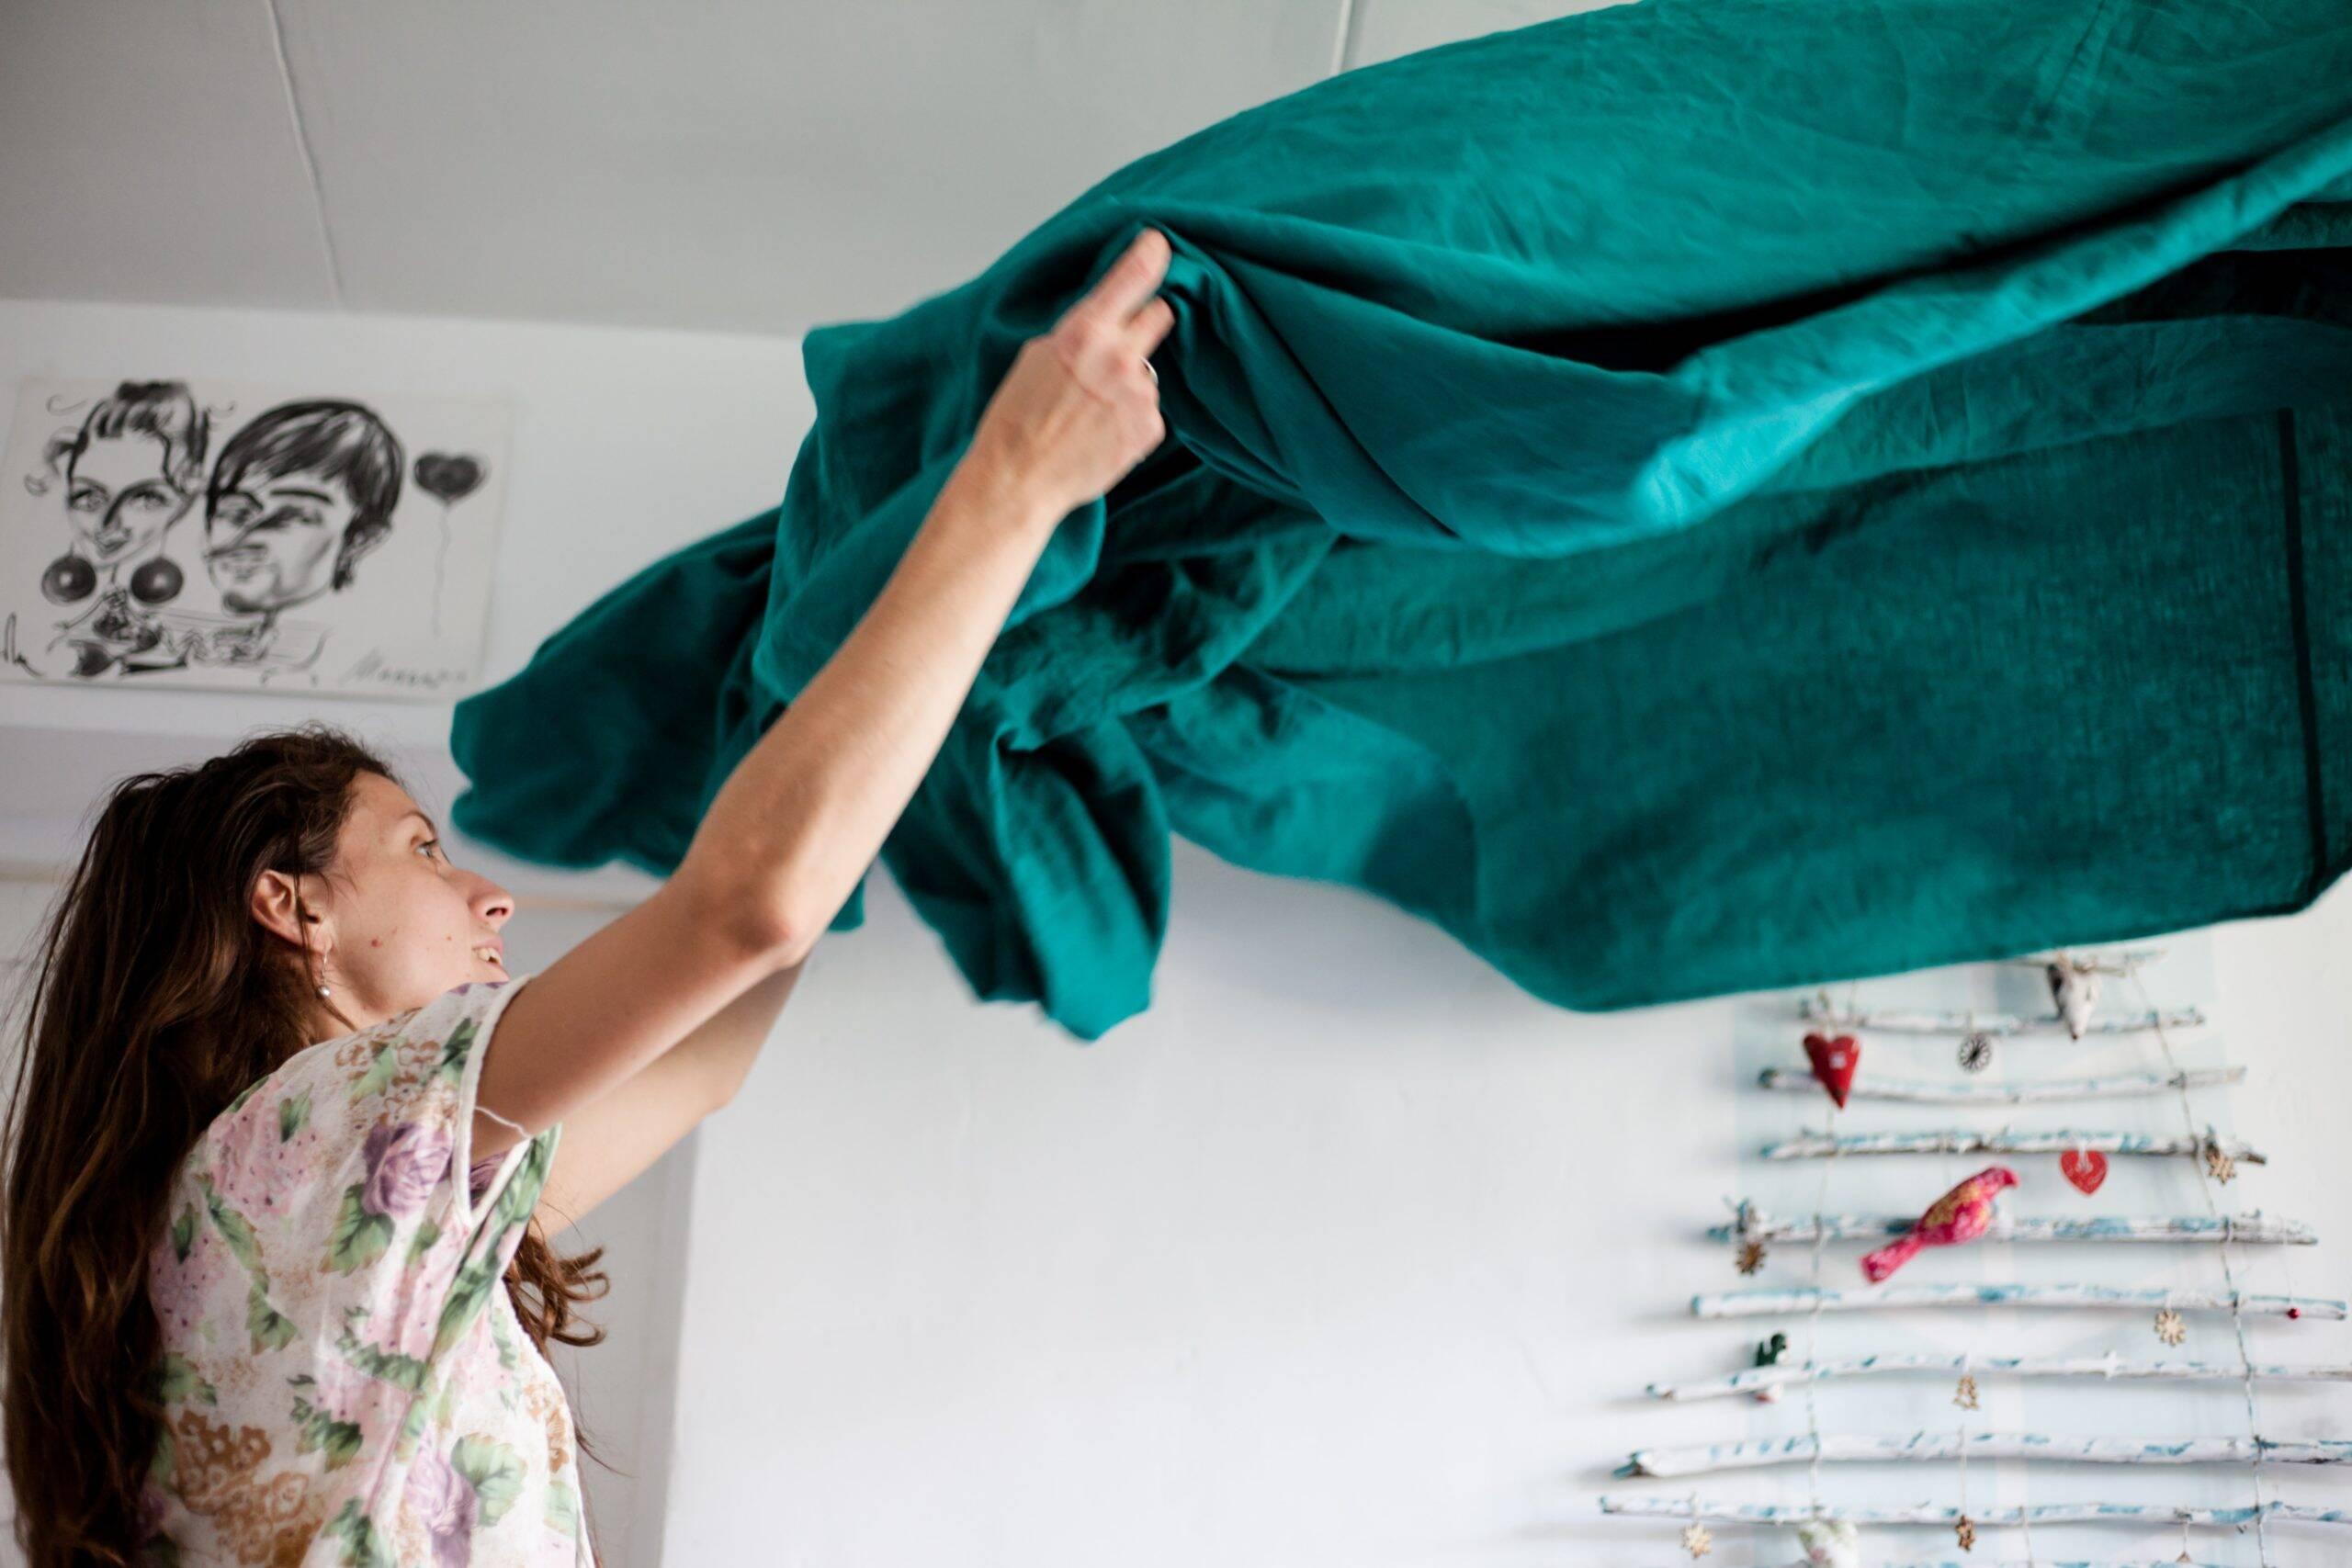 Descubra o único item da casa que você está esquecendo de limpar, de acordo com o seu signo